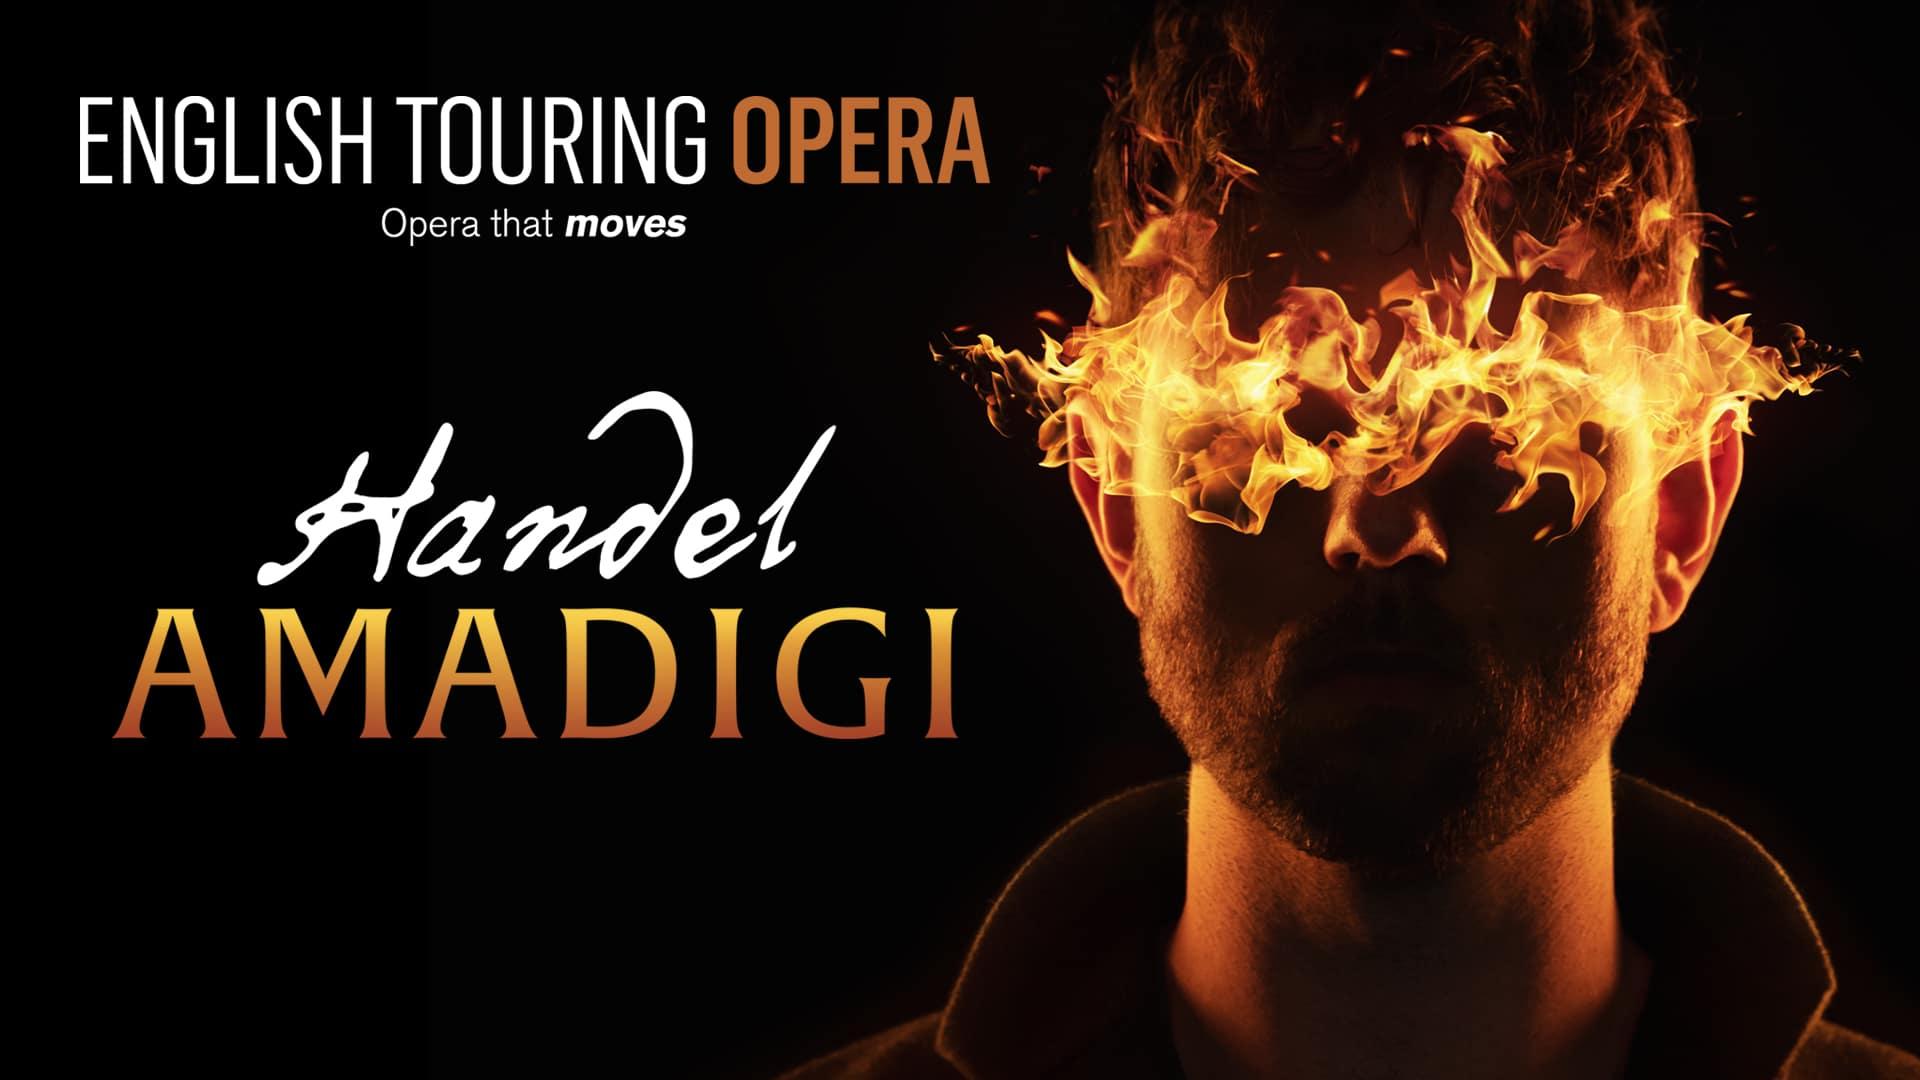 English Touring Opera: Amadigi by Handel